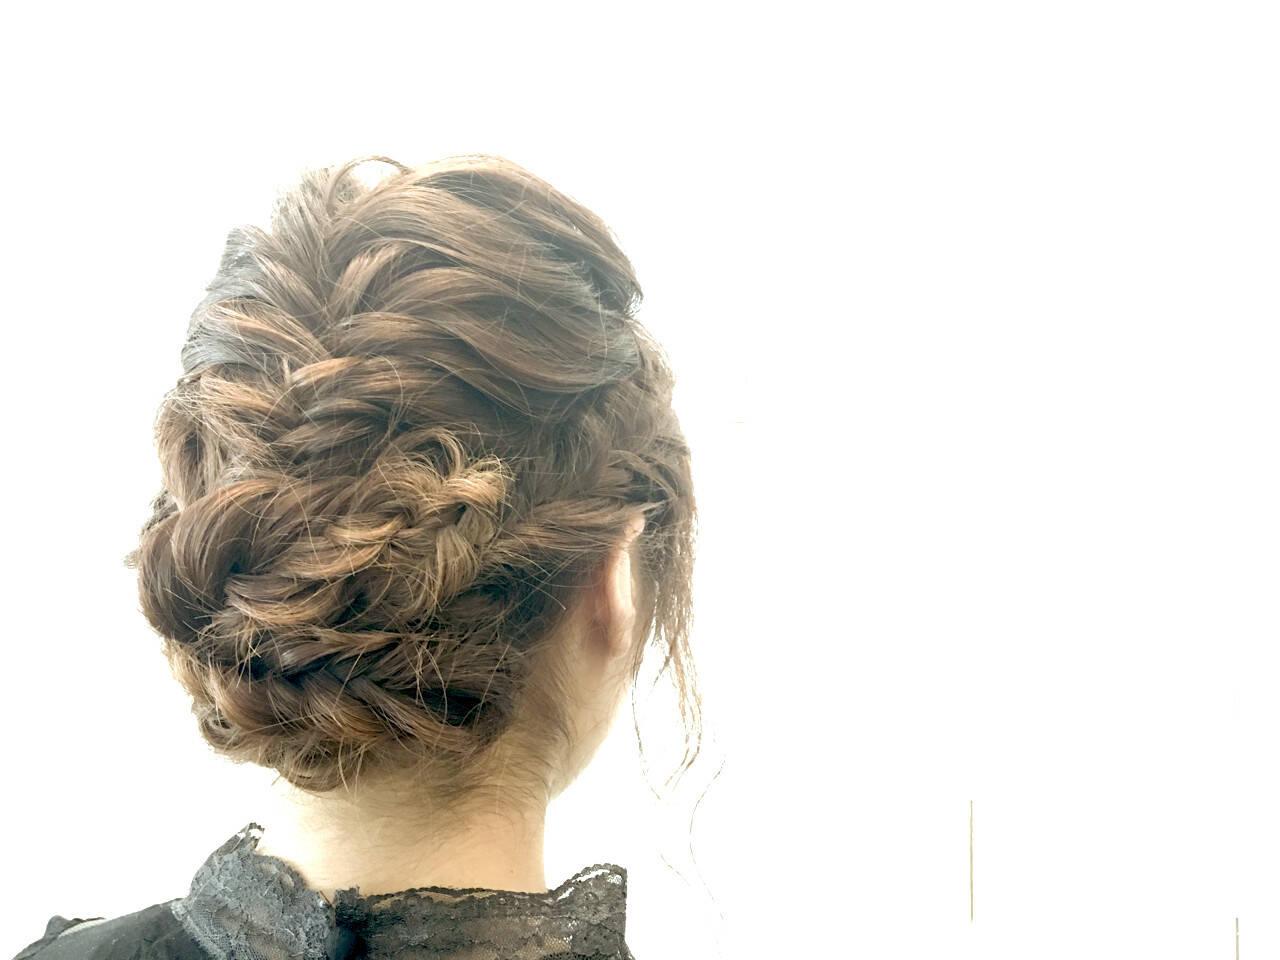 ミディアム ショート フェミニン ヘアアレンジヘアスタイルや髪型の写真・画像